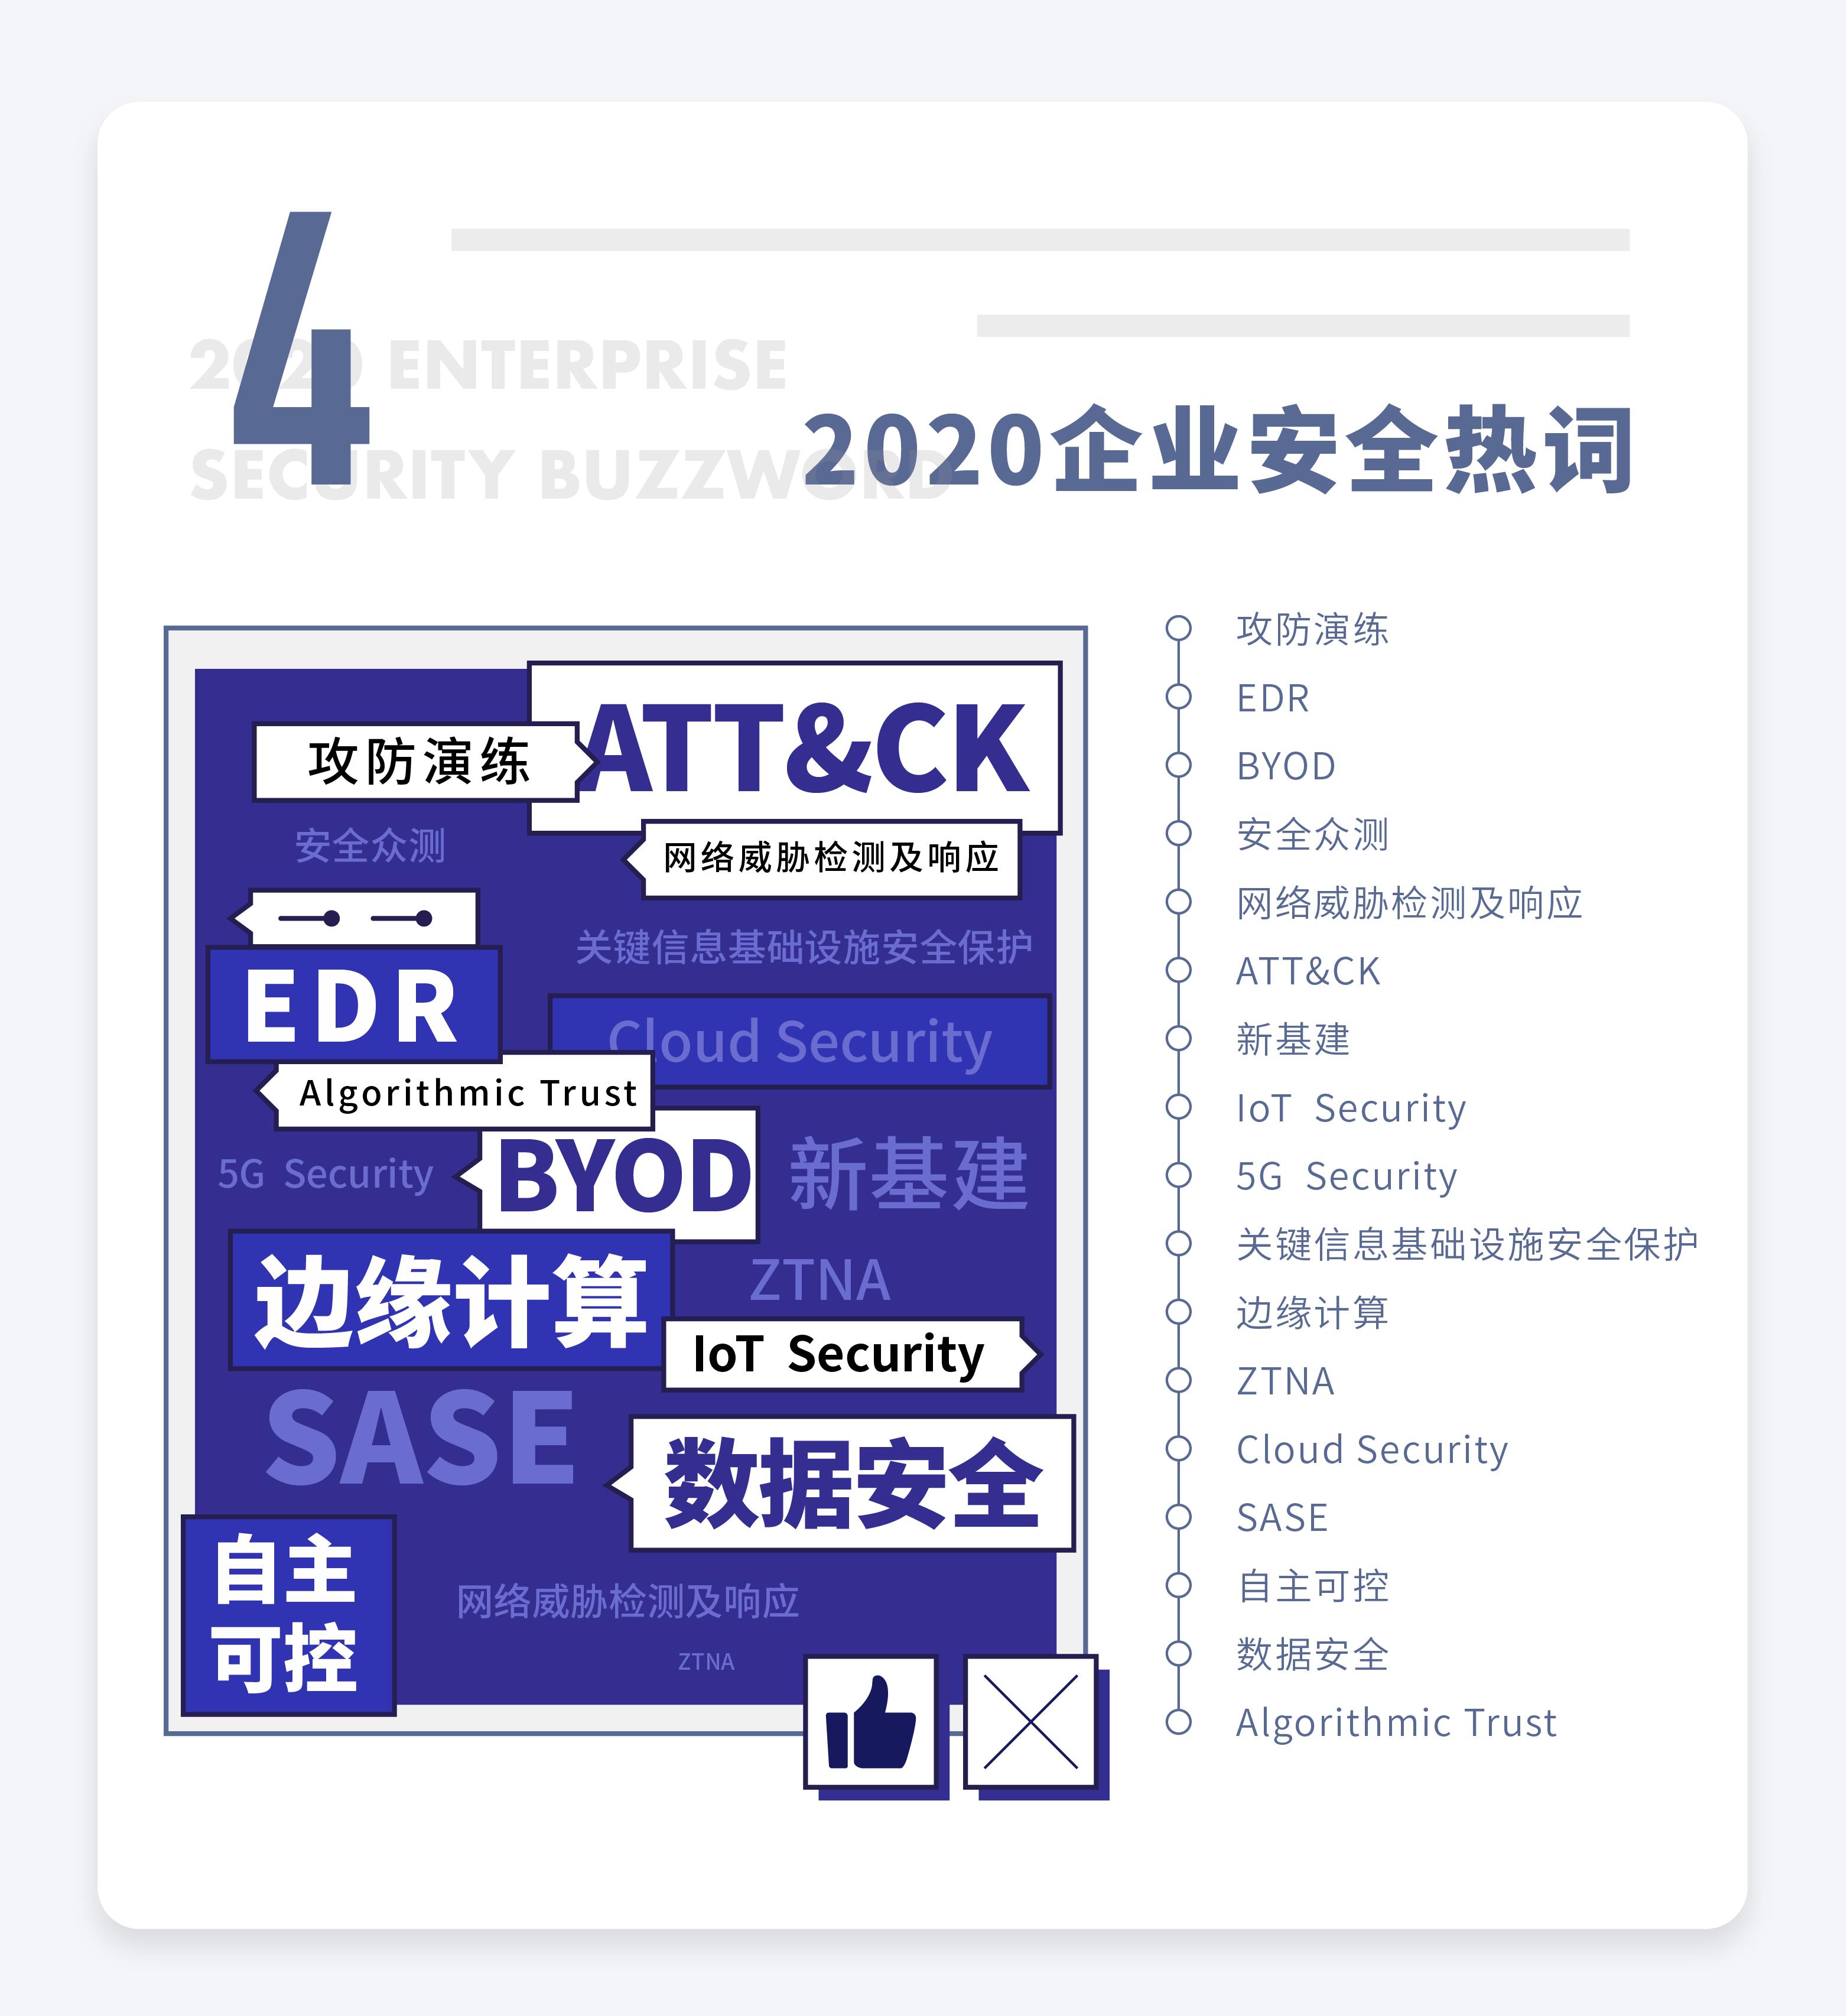 《2020企业安全威胁统一应对指南》正式发布   FreeBuf咨询3